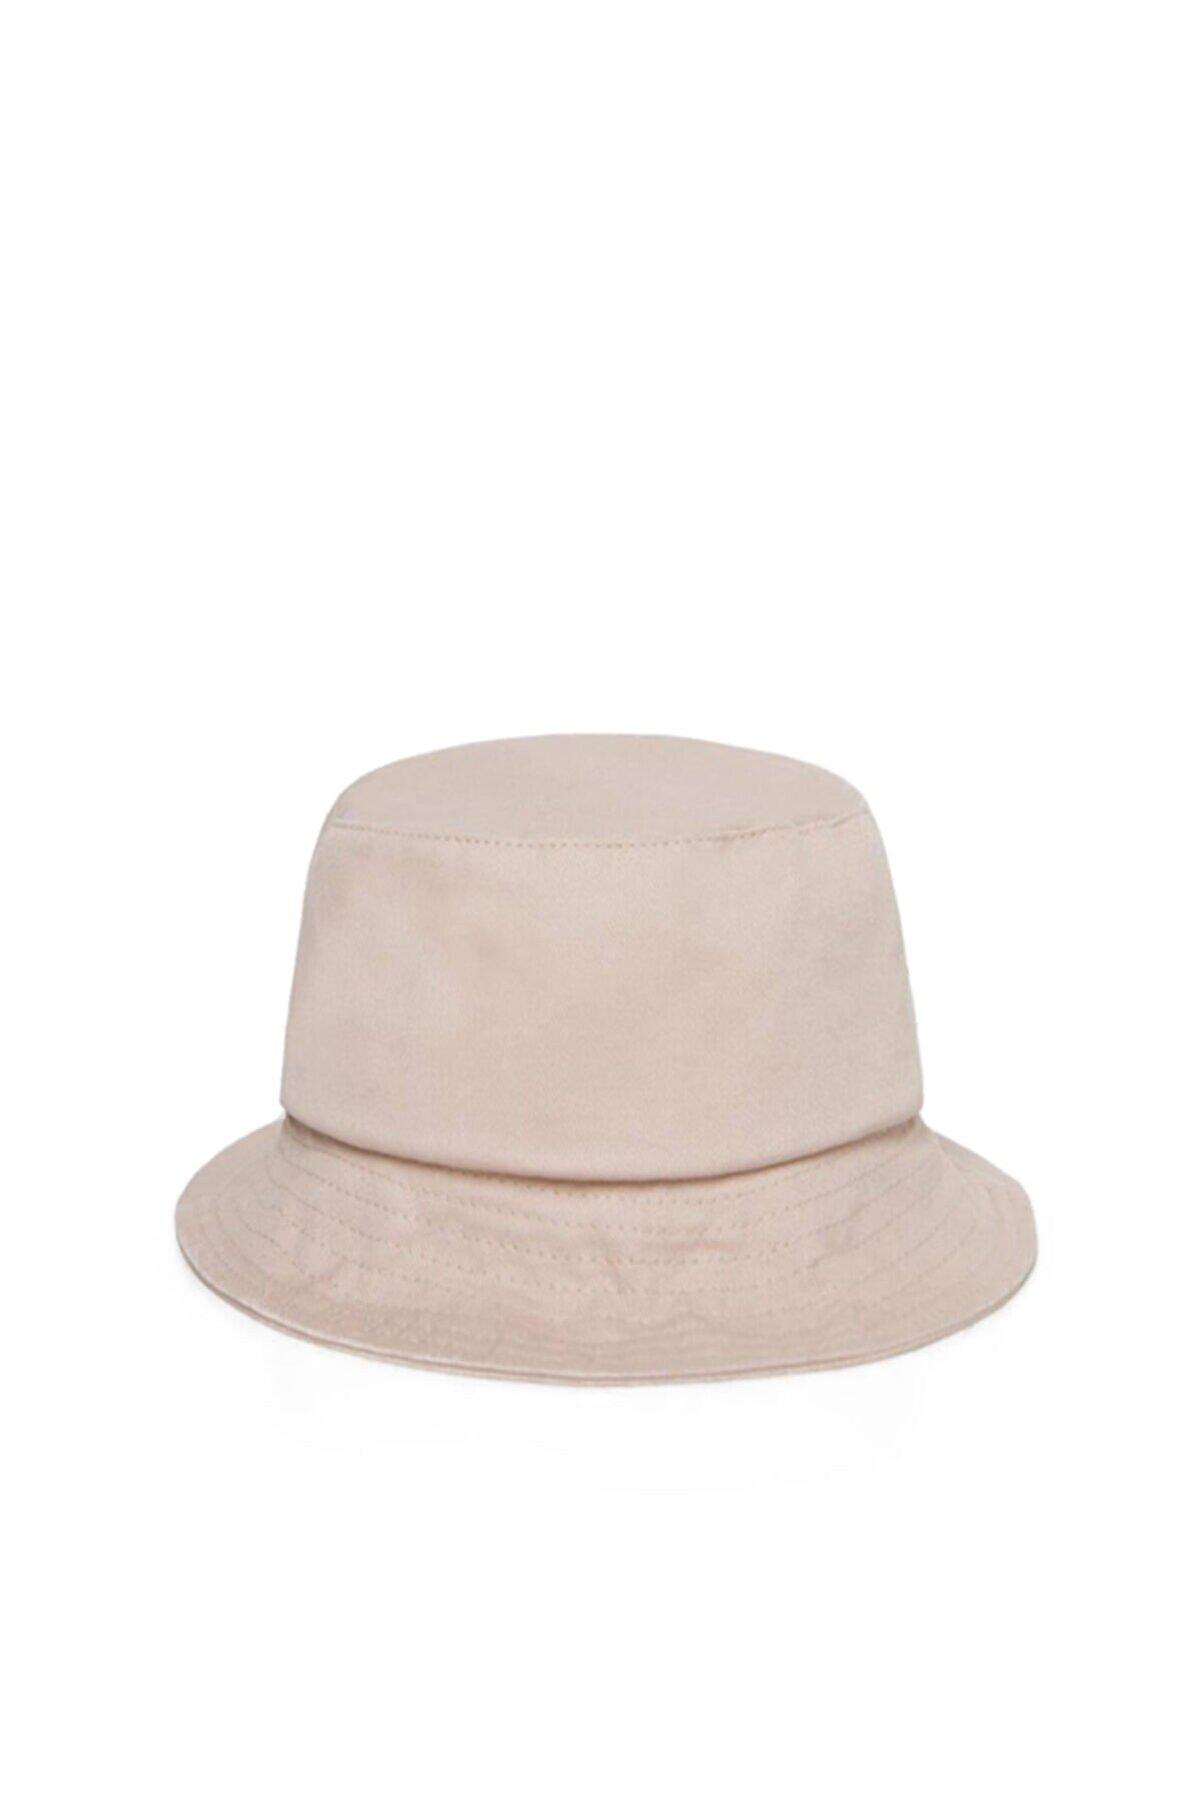 Güce Unisex Krem Rengi Balıkçı Bucket Şapka Gc013911